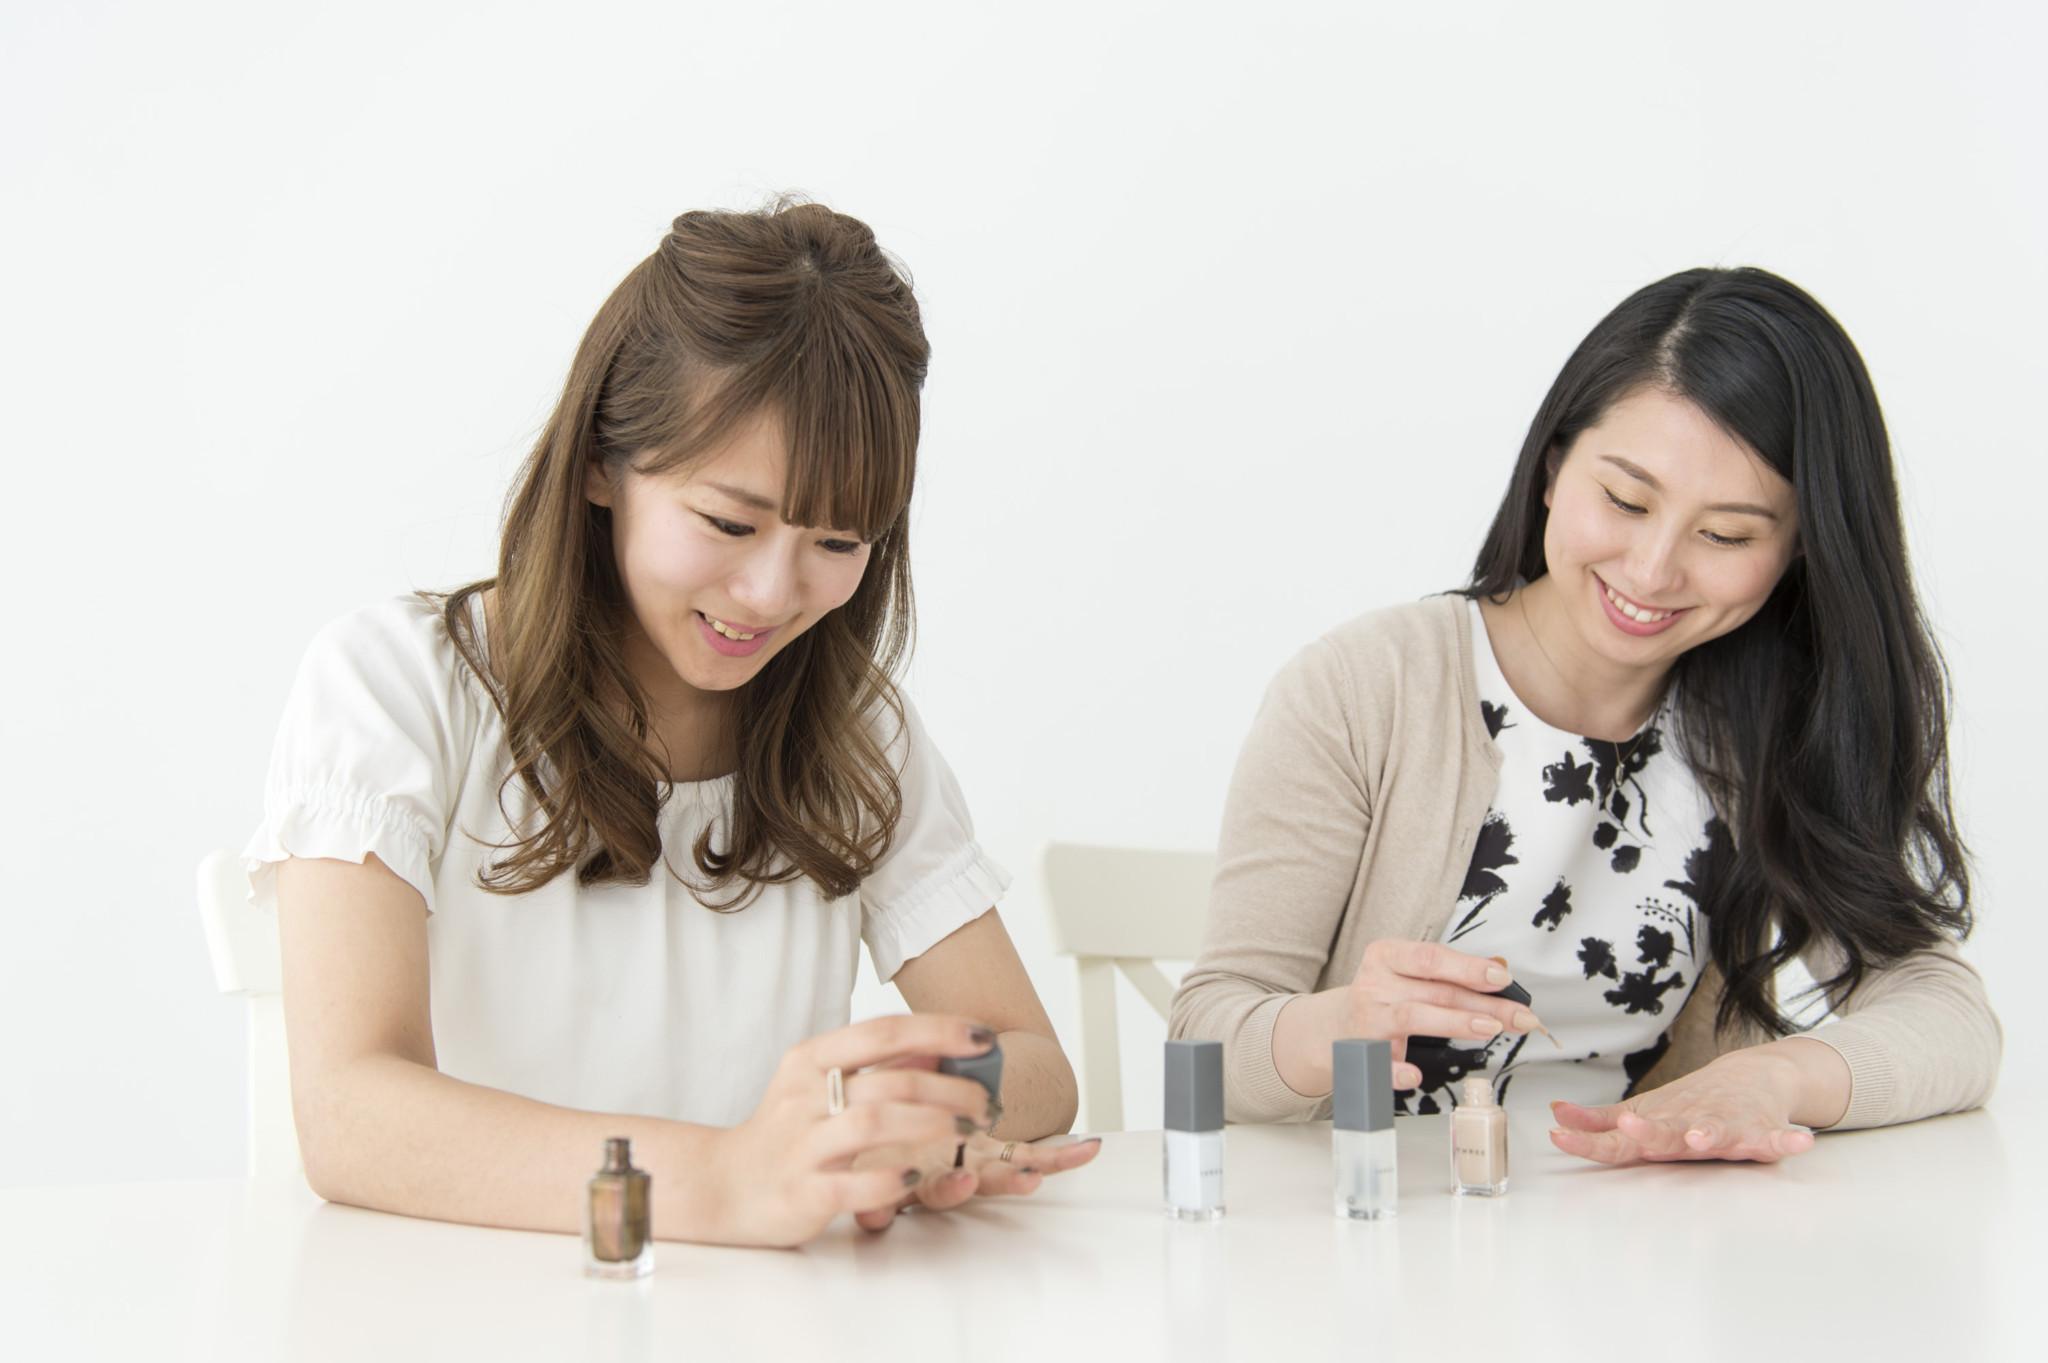 右から、新宮志歩さん(no.191、24歳・ラジオDJ)、中村朝紗子さん(no.002、24歳・自営業)